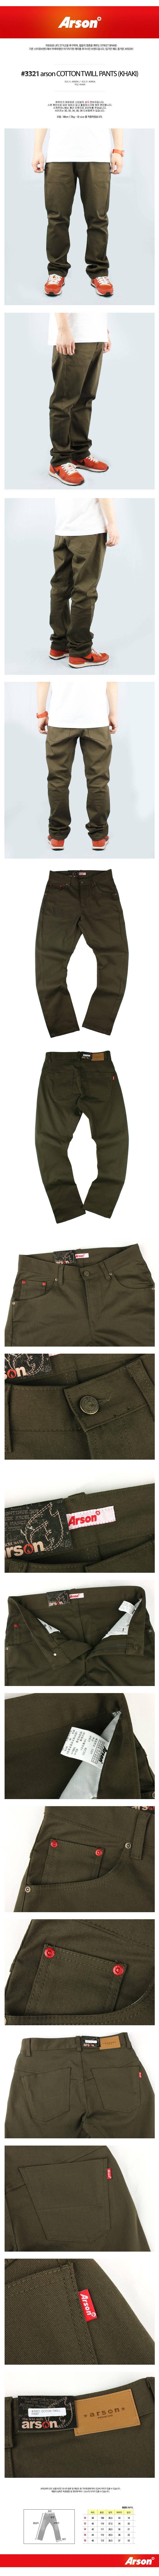 [ ARSON ] [ARSON] ARSON 3321 arson cotton twill pants (khaki)